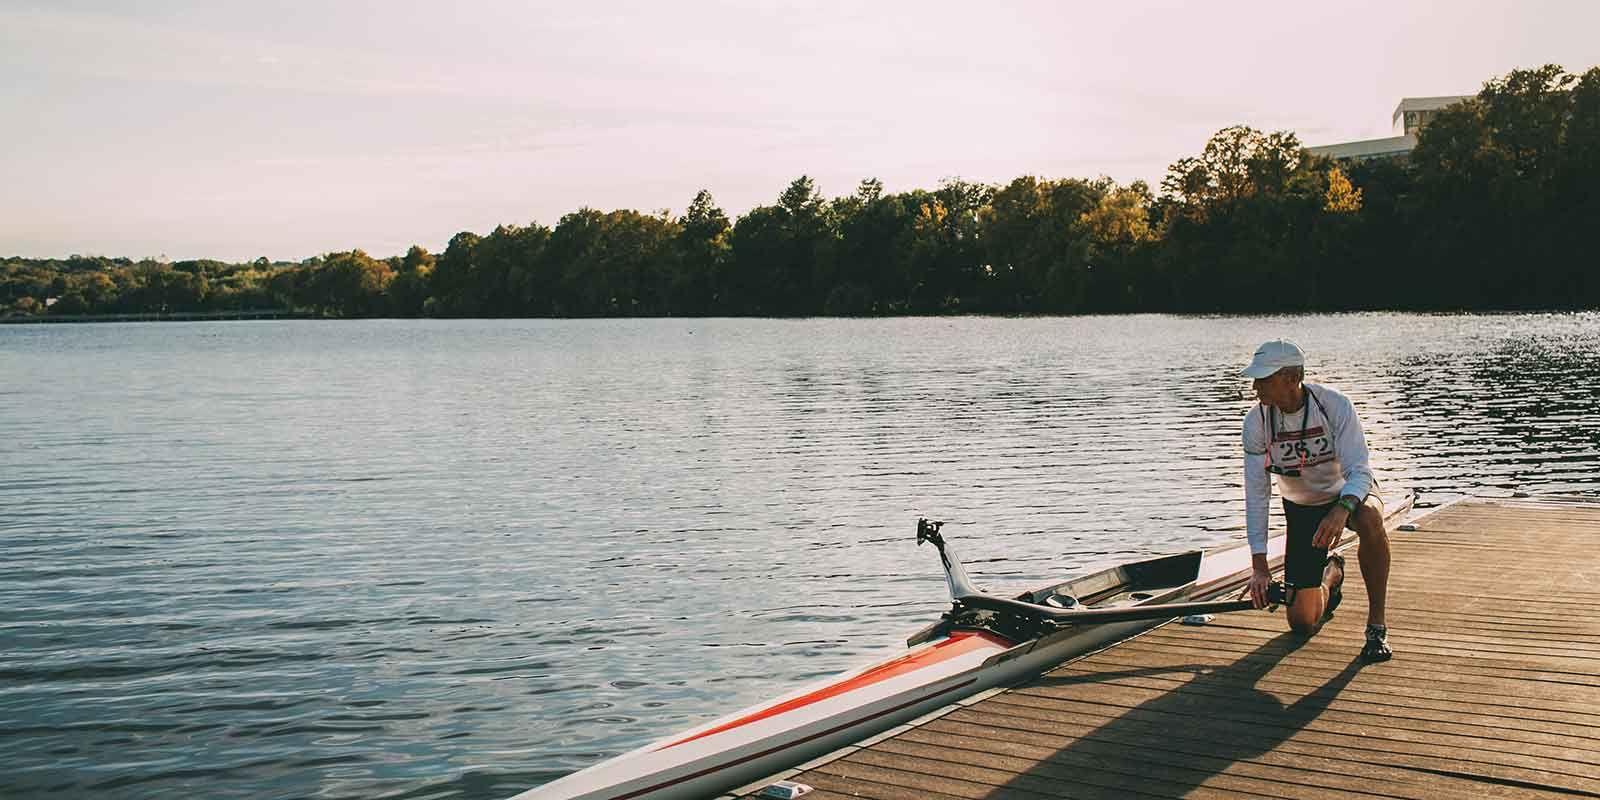 Waller Creek Boat House